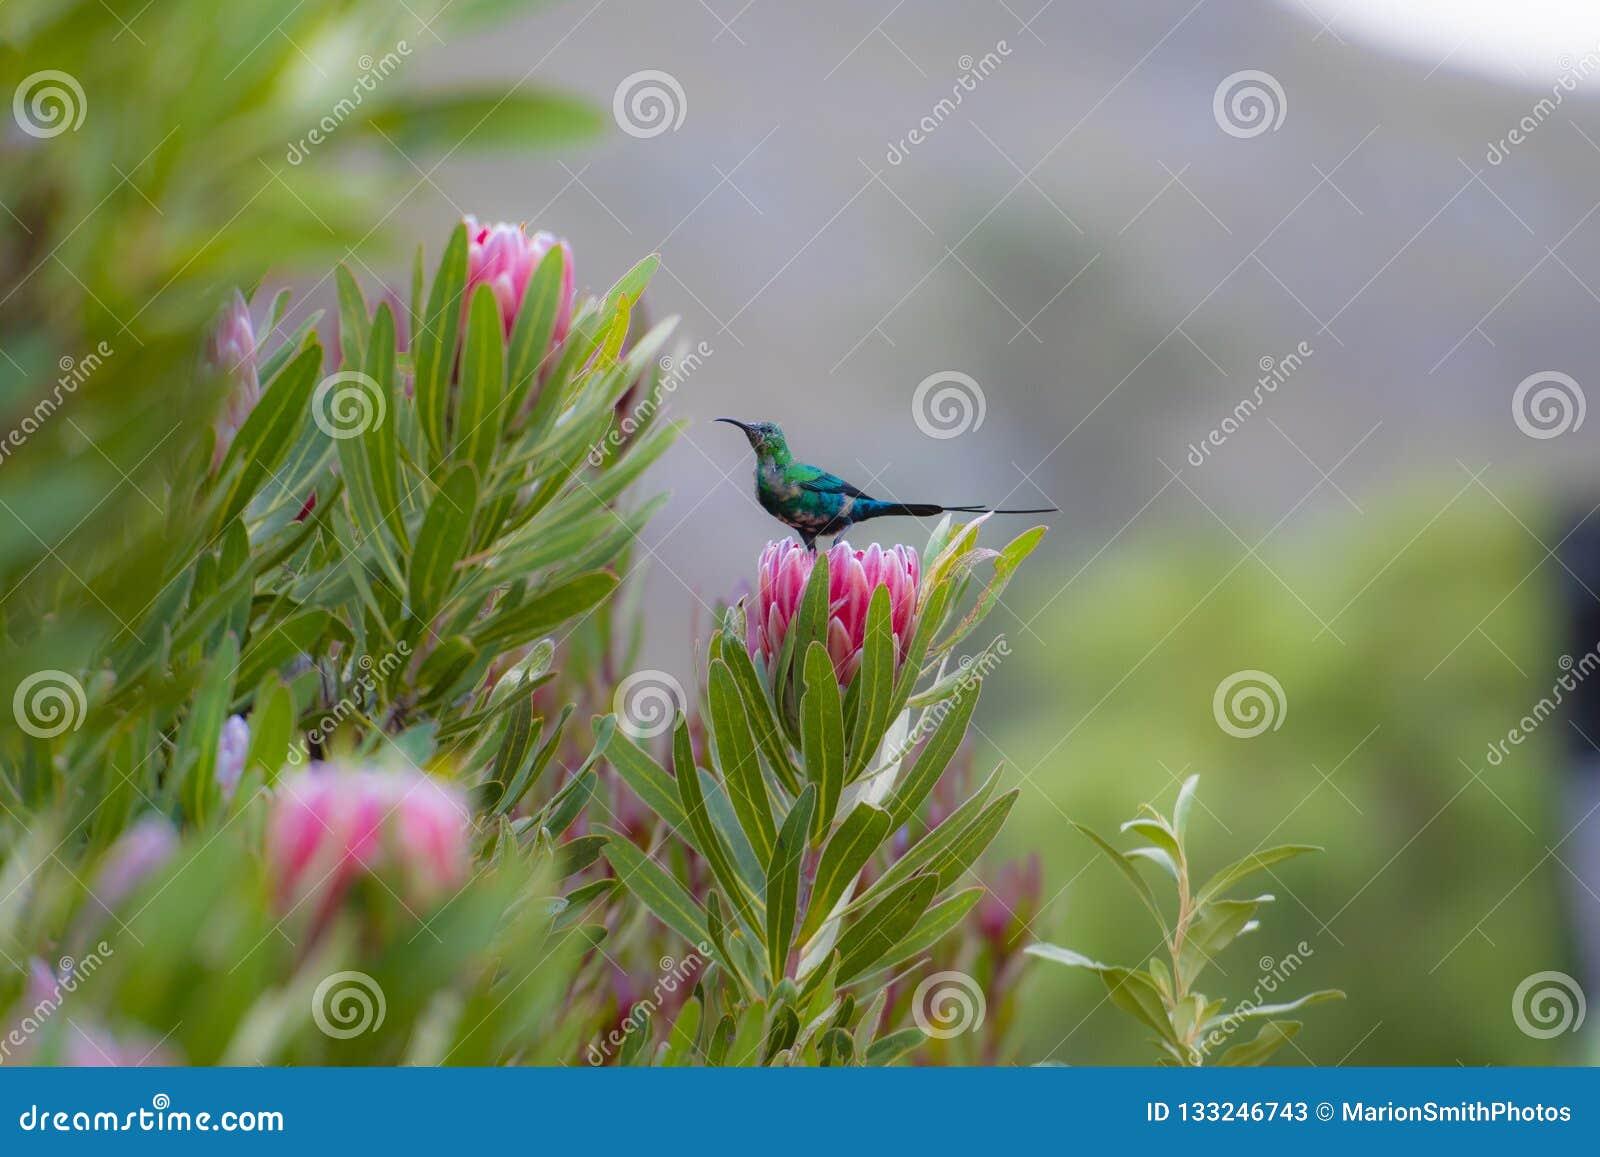 Non breeding malachite sunbird Nectarinia famosa looking left, sitting on pink protea flower